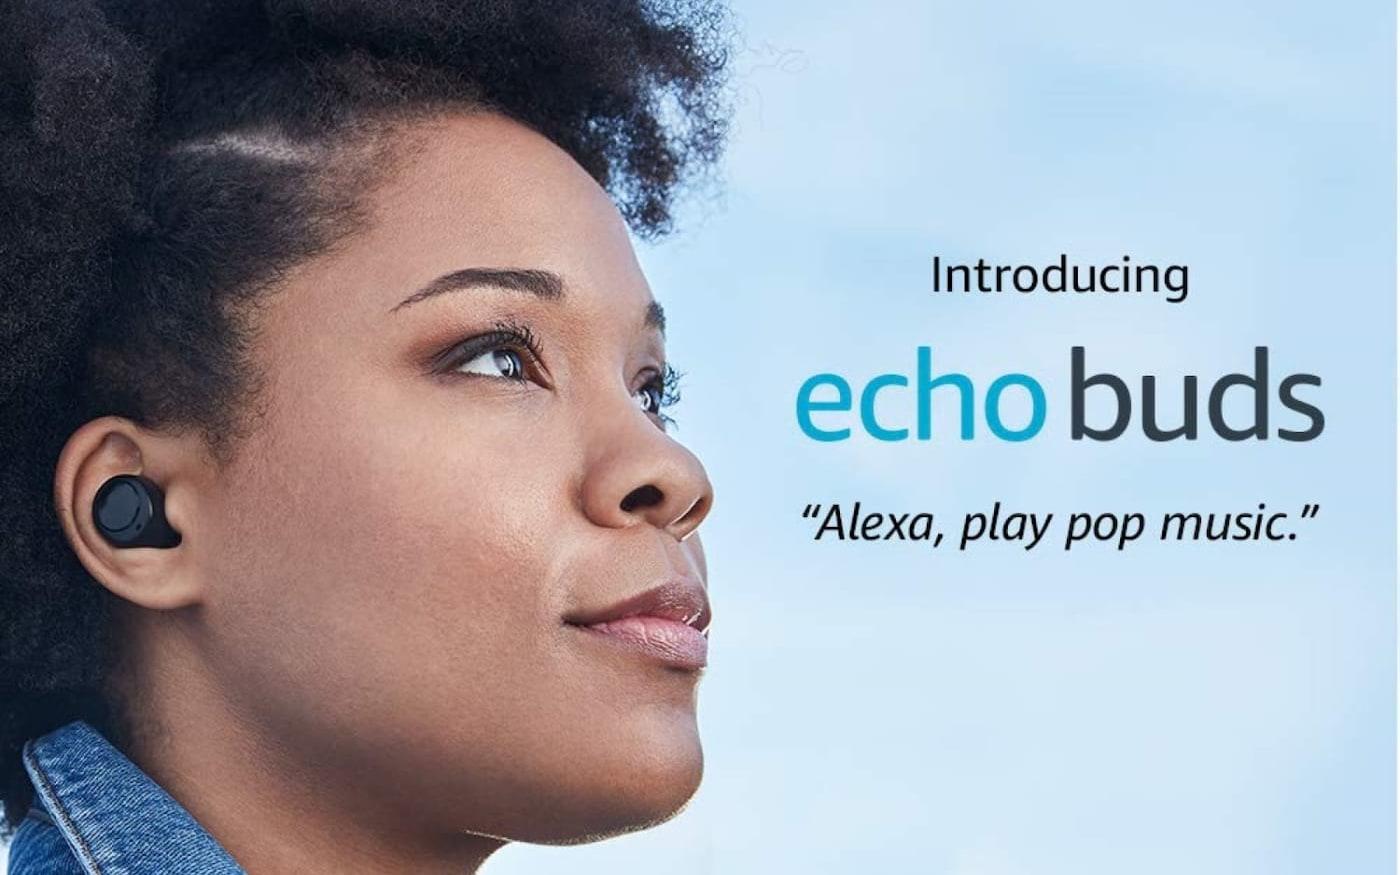 Amazon anuncia fones in-ear Bluetooth True Wireless de fabricação própria - Conheça os Echo Buds!